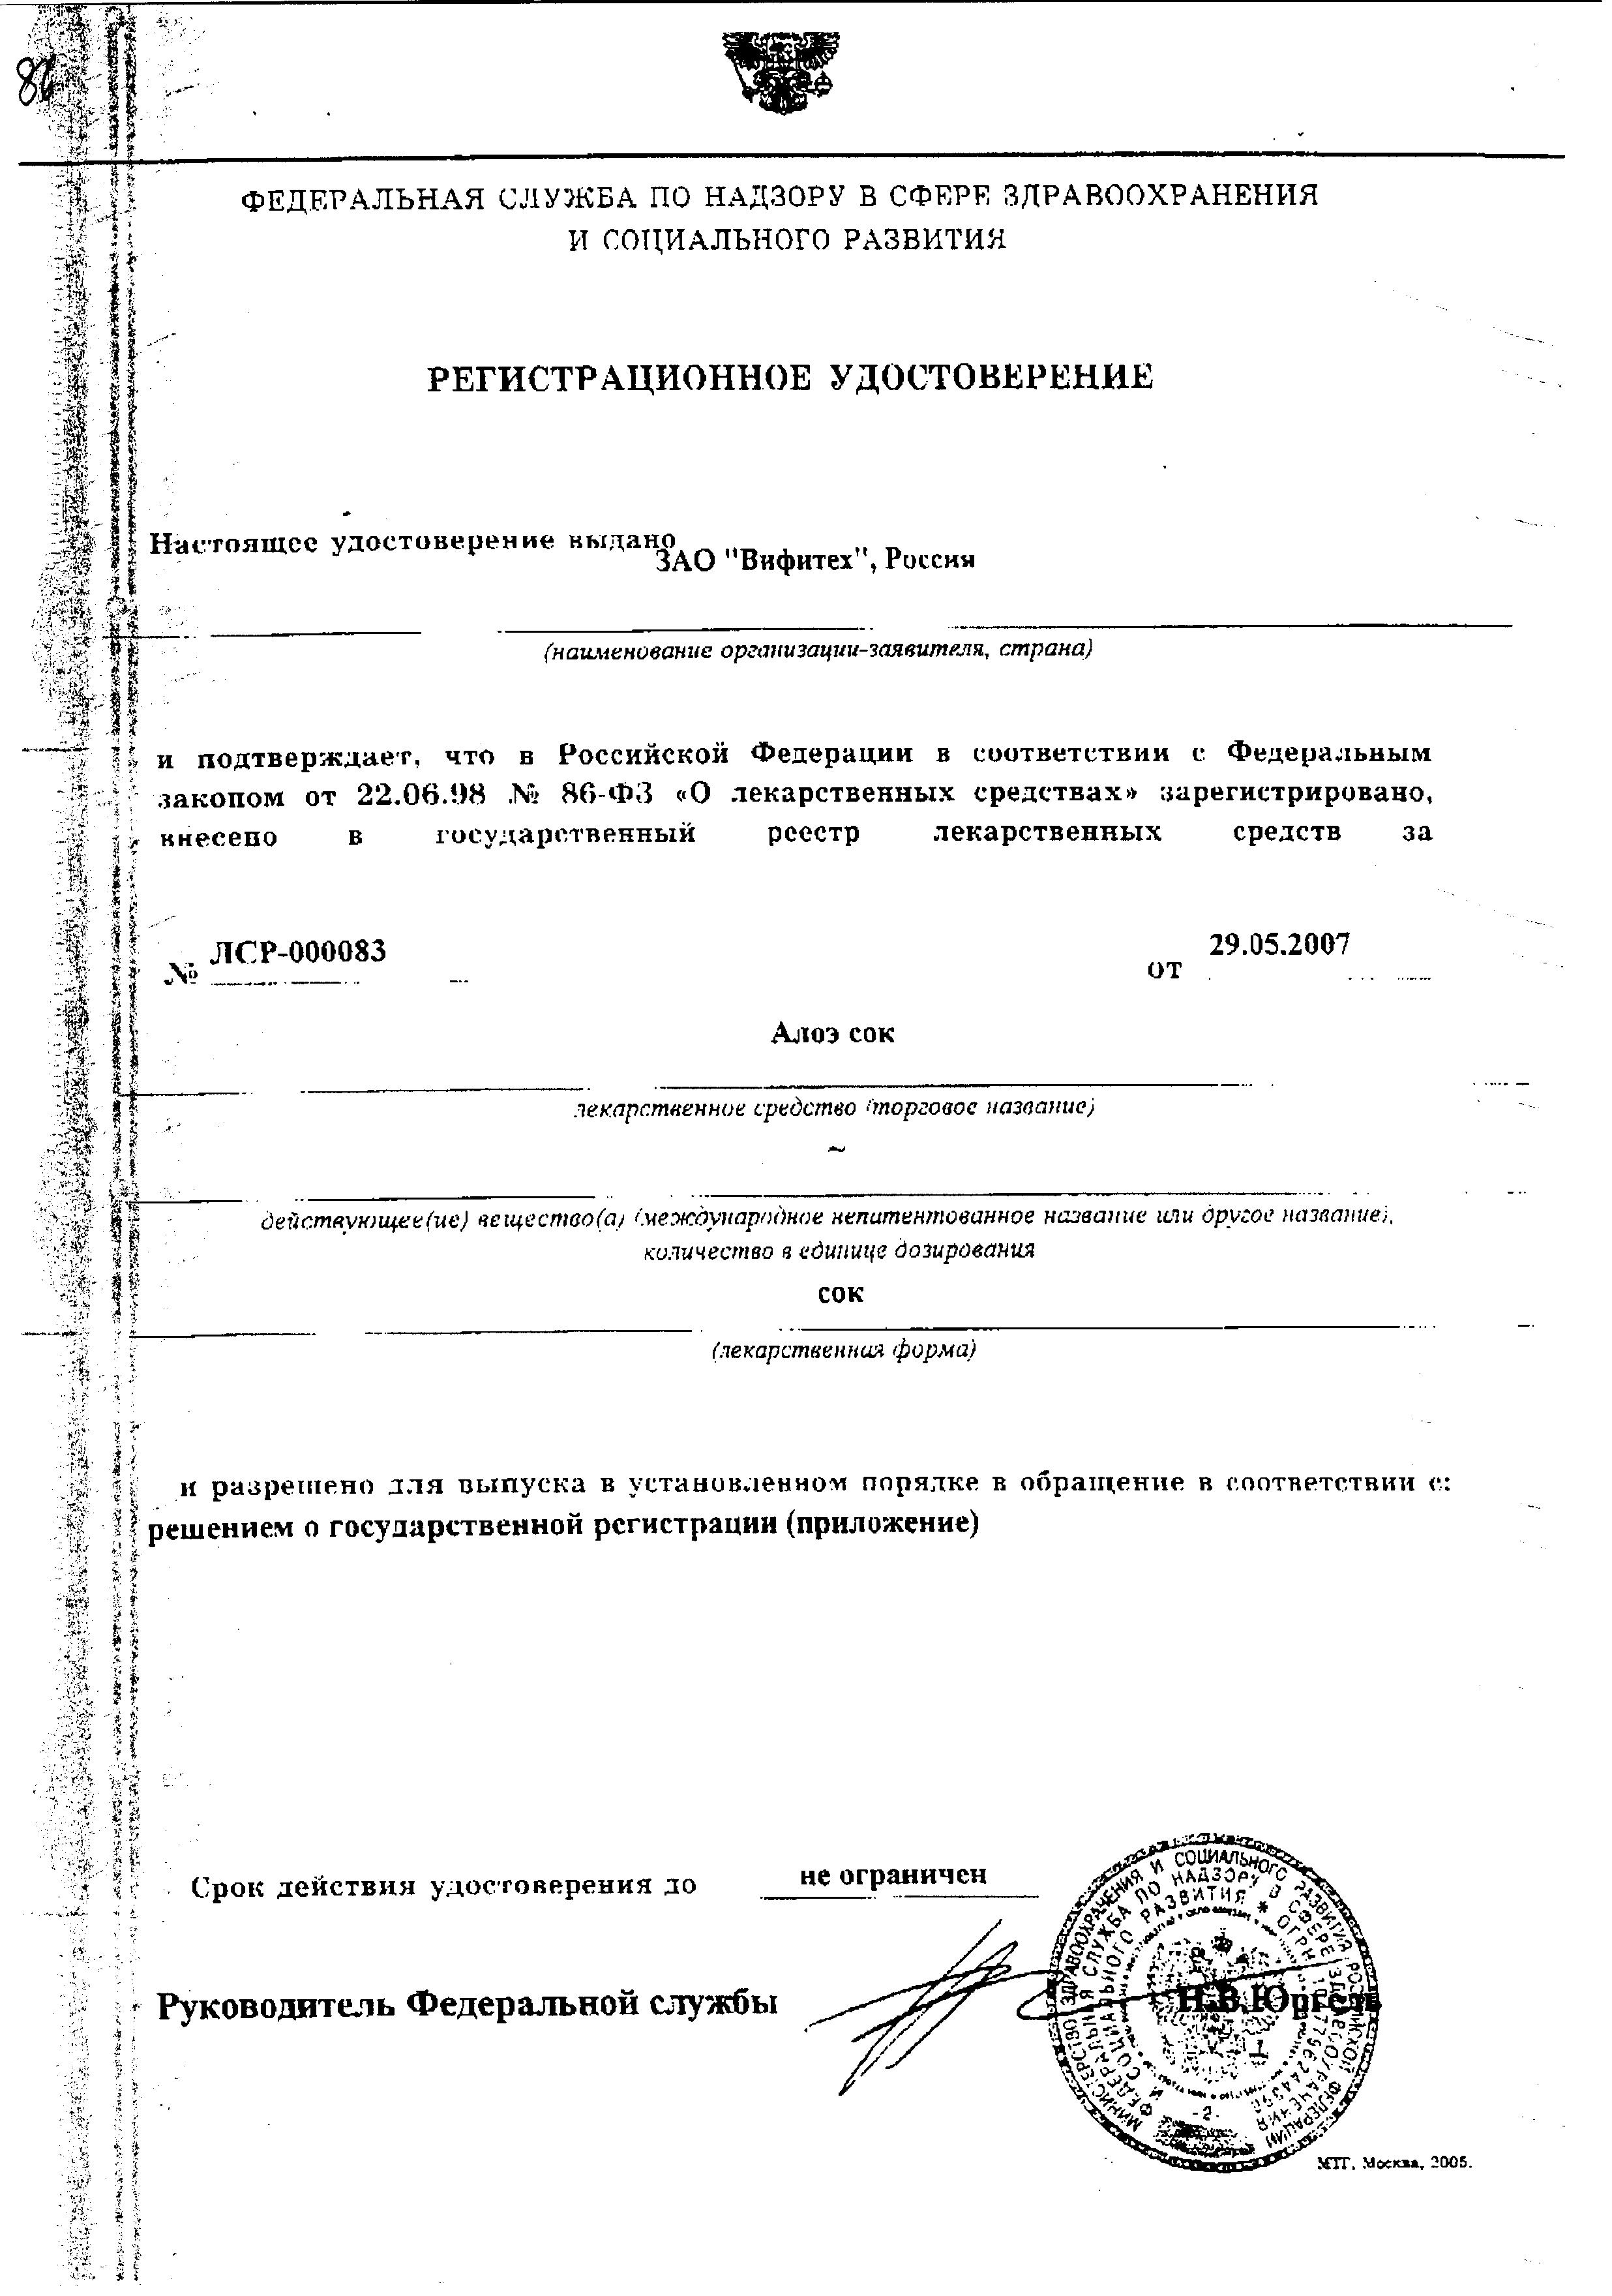 Алоэ сок сертификат